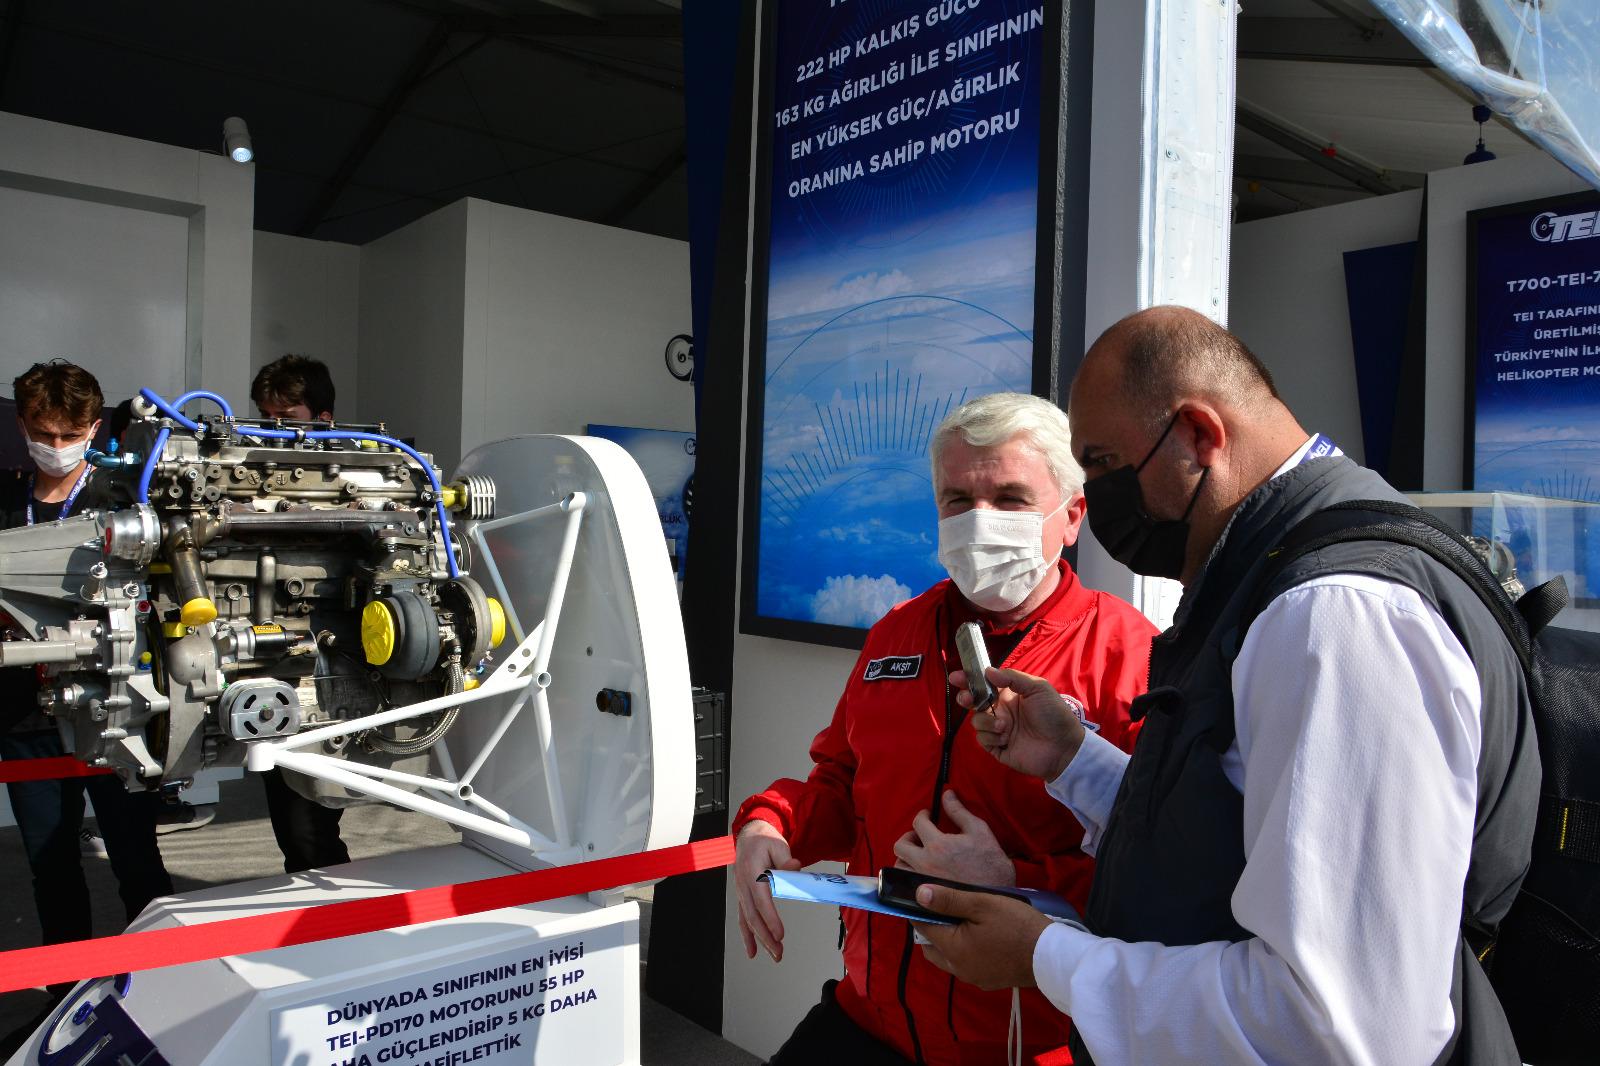 TEI-PD222ST Turbodizel Havacılık Motoru; BAYRAKTAR TB3 ve AKINCI TİHA için Milli Güç Çözümü